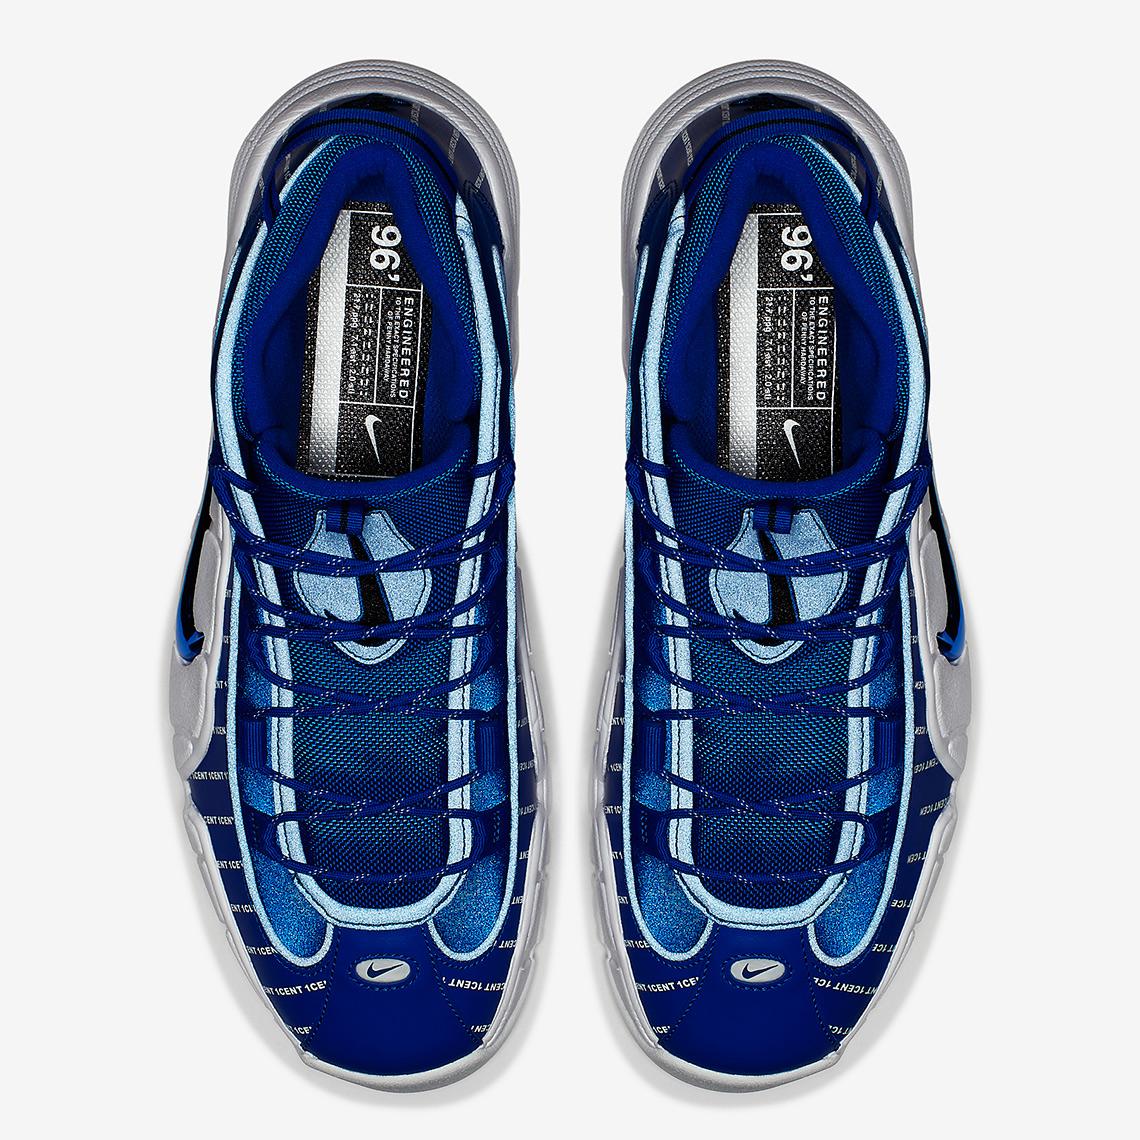 c2cfc43330df Air Max Moto Royal Blue